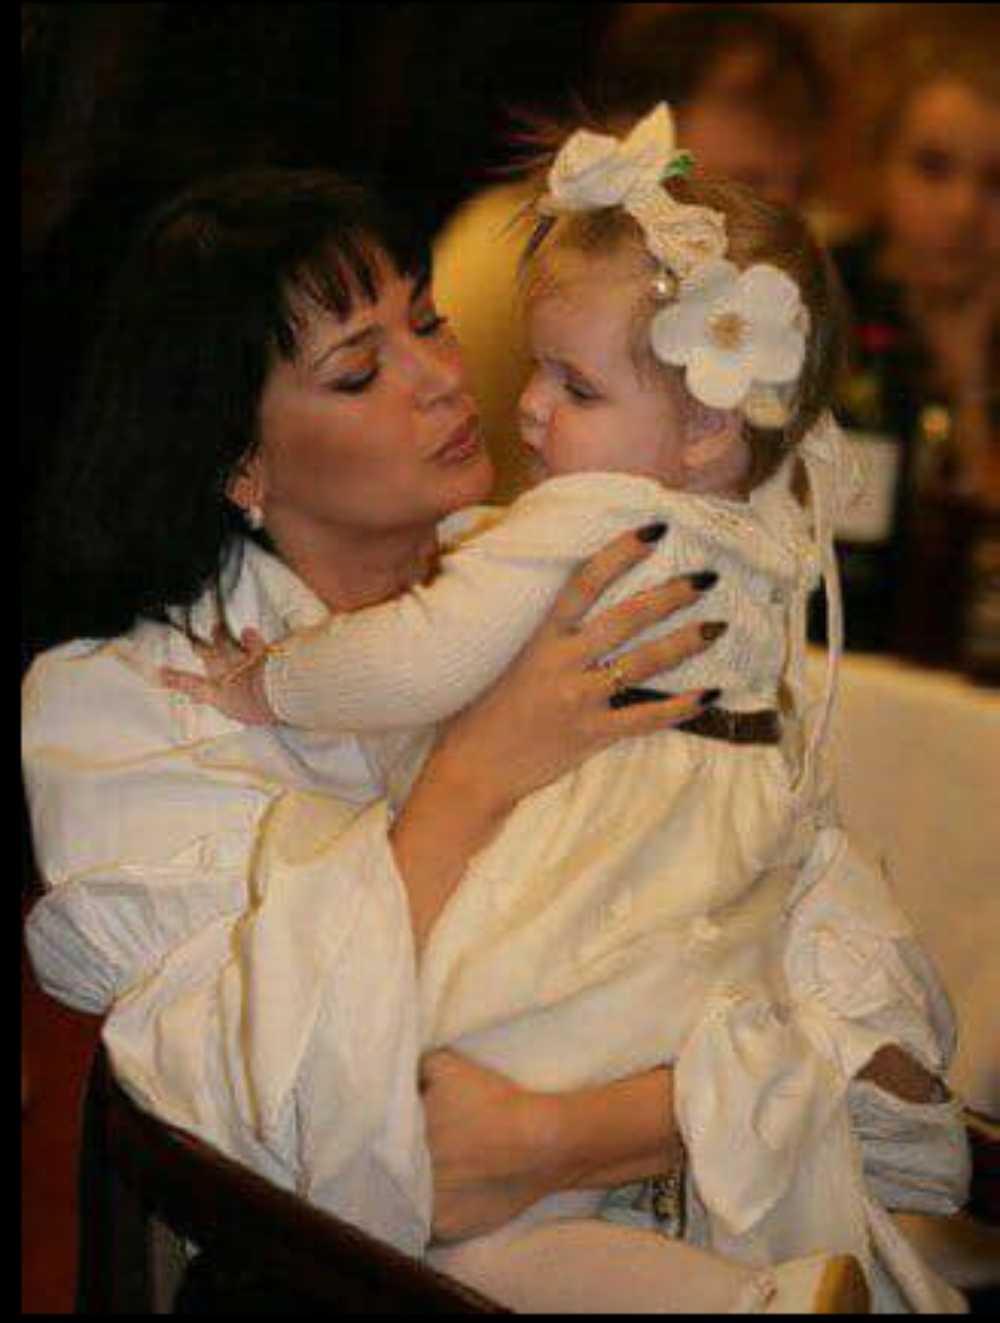 Чем старше становится Женя Абдулова, тем сильнее она похожа на отца. Фото: страница Юлии Абдуловой в «Фейсбуке»